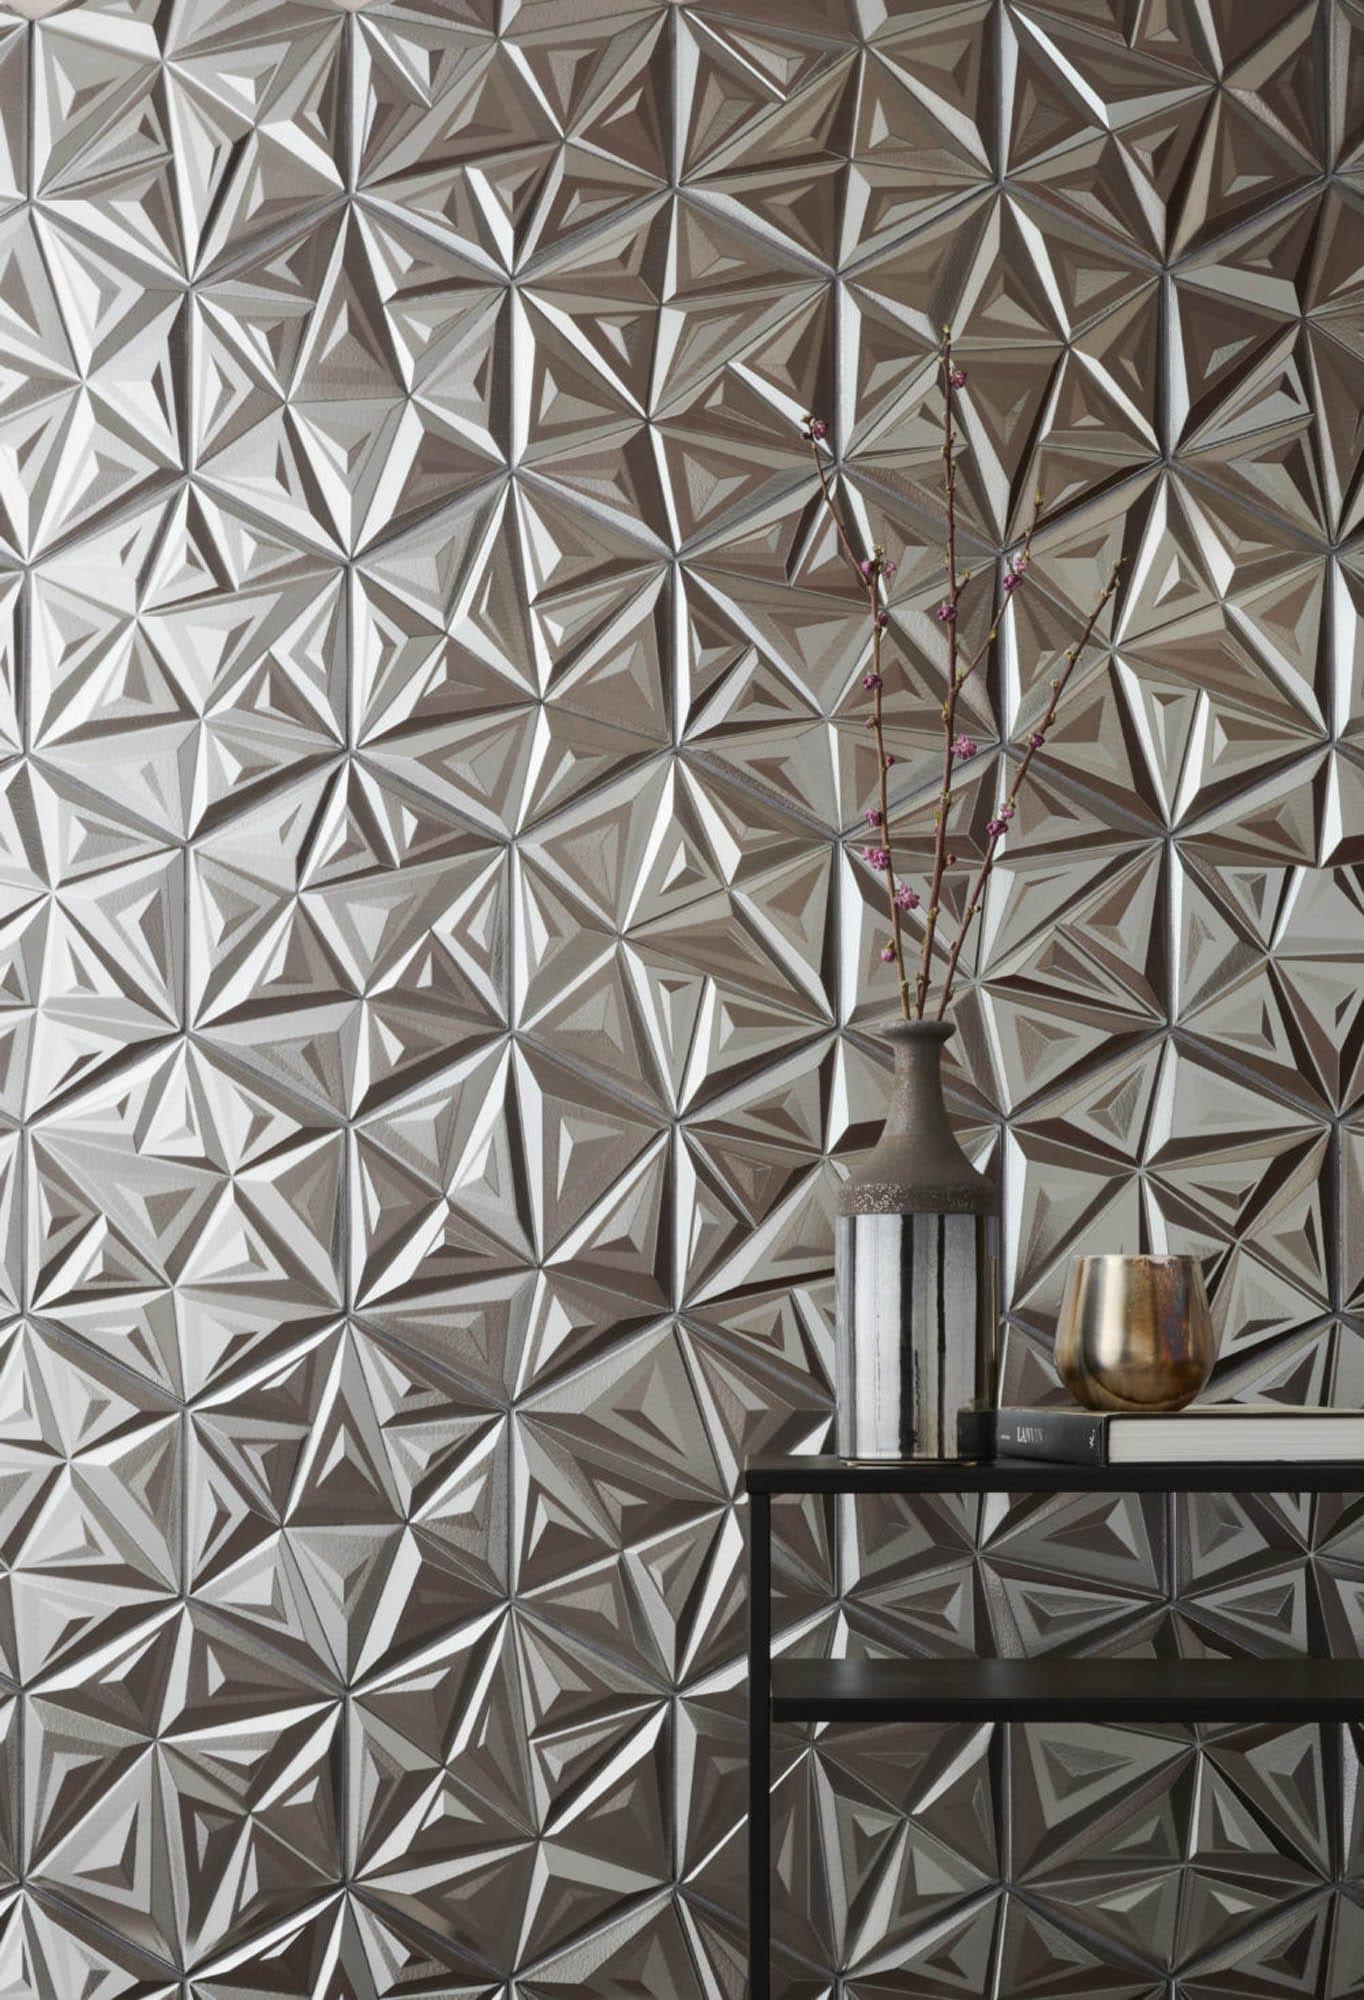 metallic sculptural tile